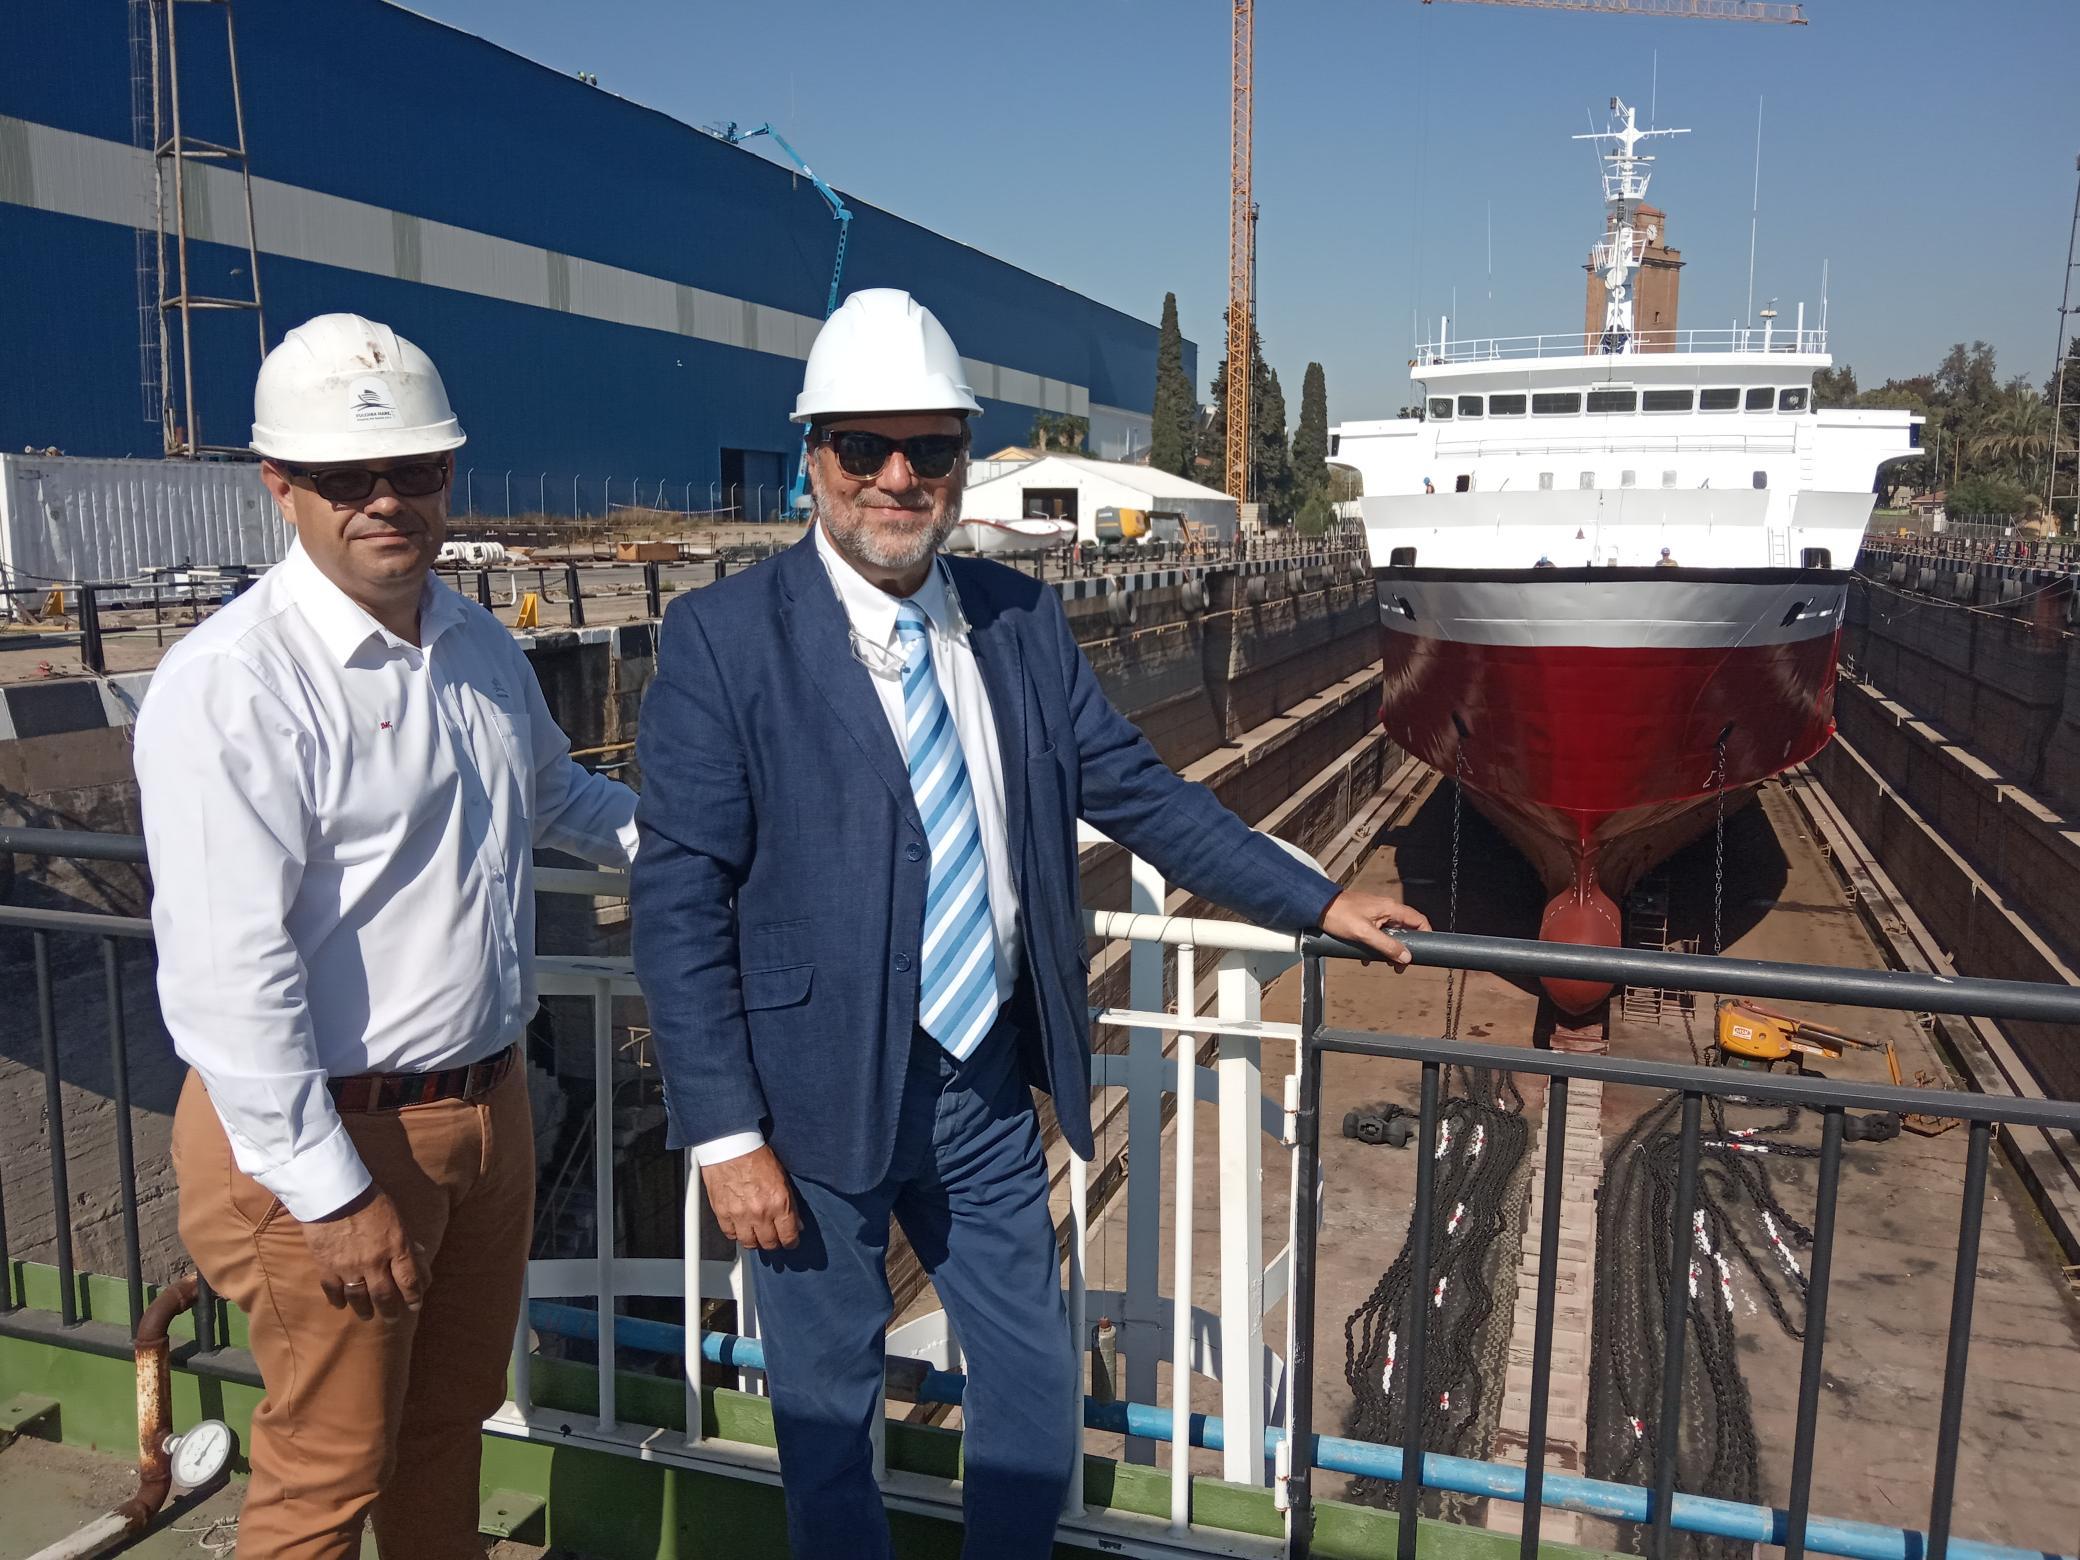 Sánchez Monteseirín y Juan Manuel Cuenca, de Astilleros Guadalquivir, coinciden en la magnífica ubicación del dique seco